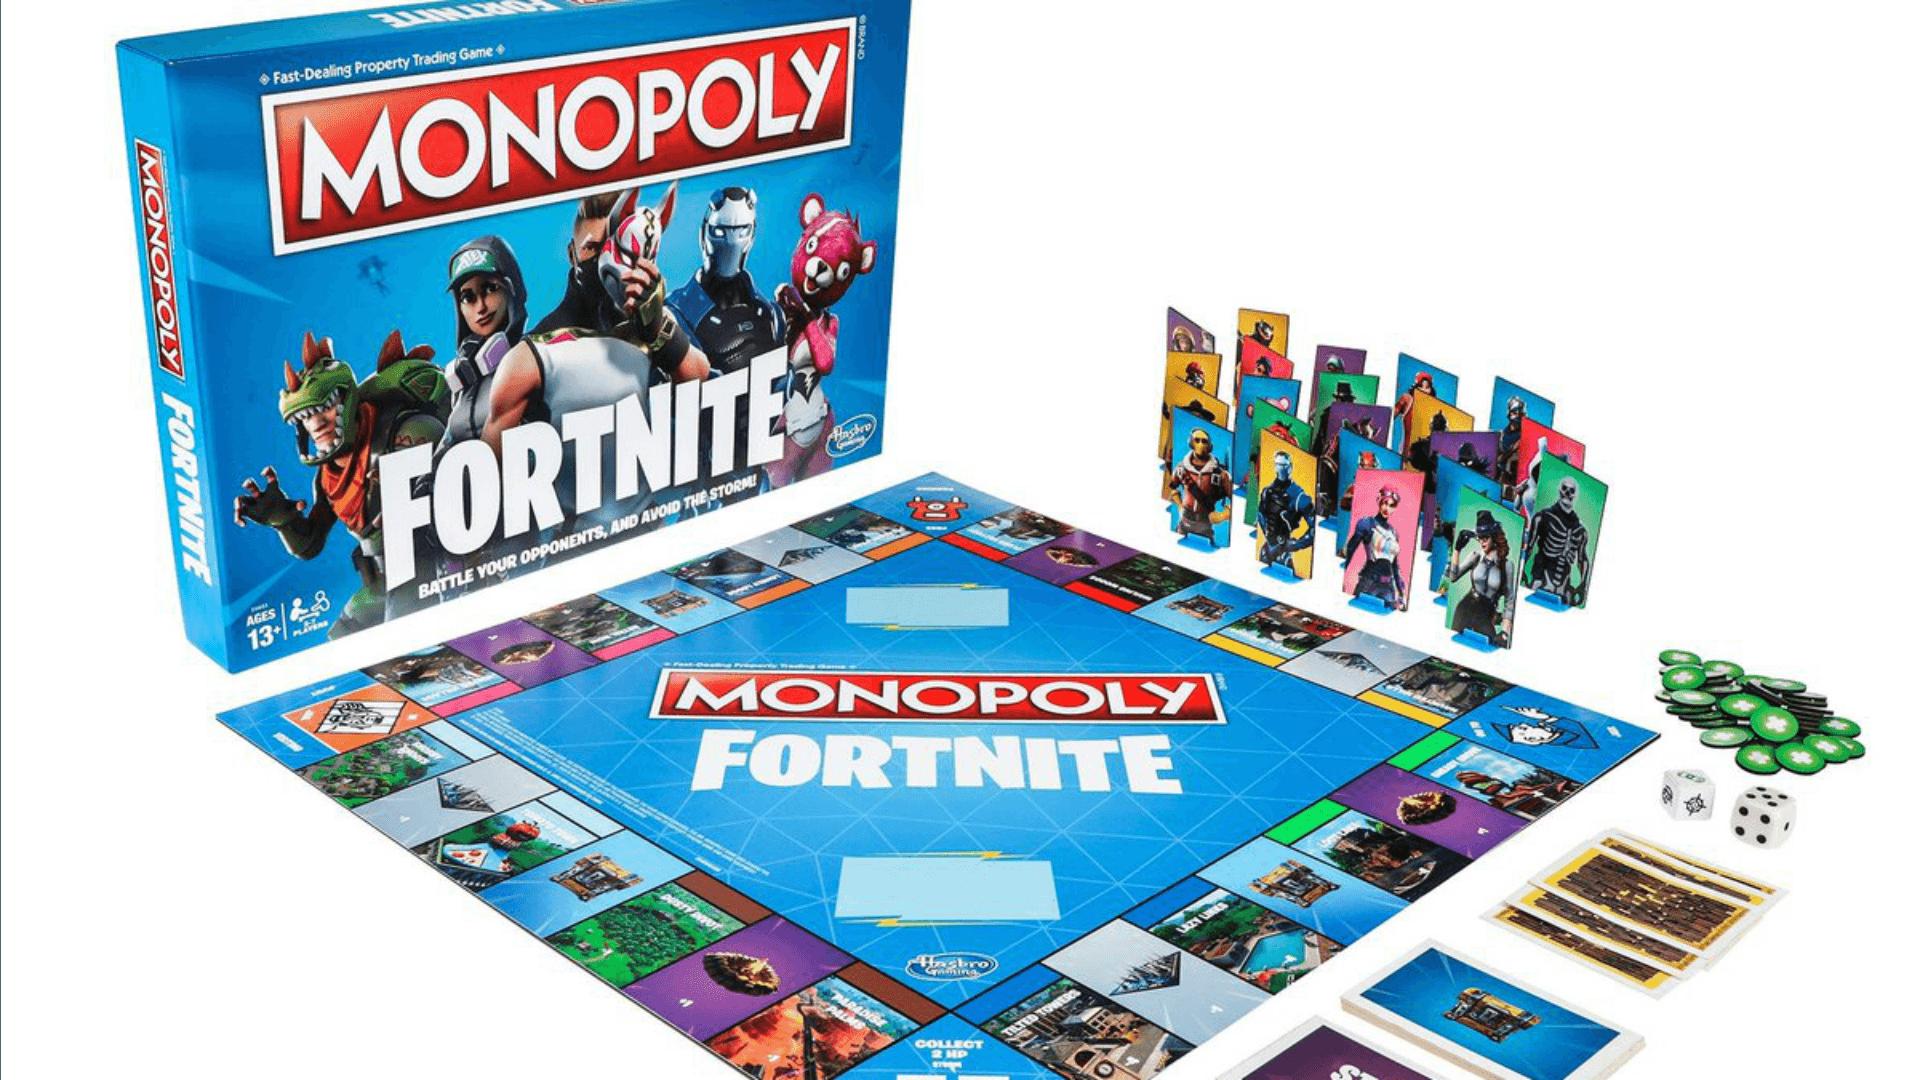 monopoly fortnite les precommandes sont ouvertes - date de sortie monopoly fortnite